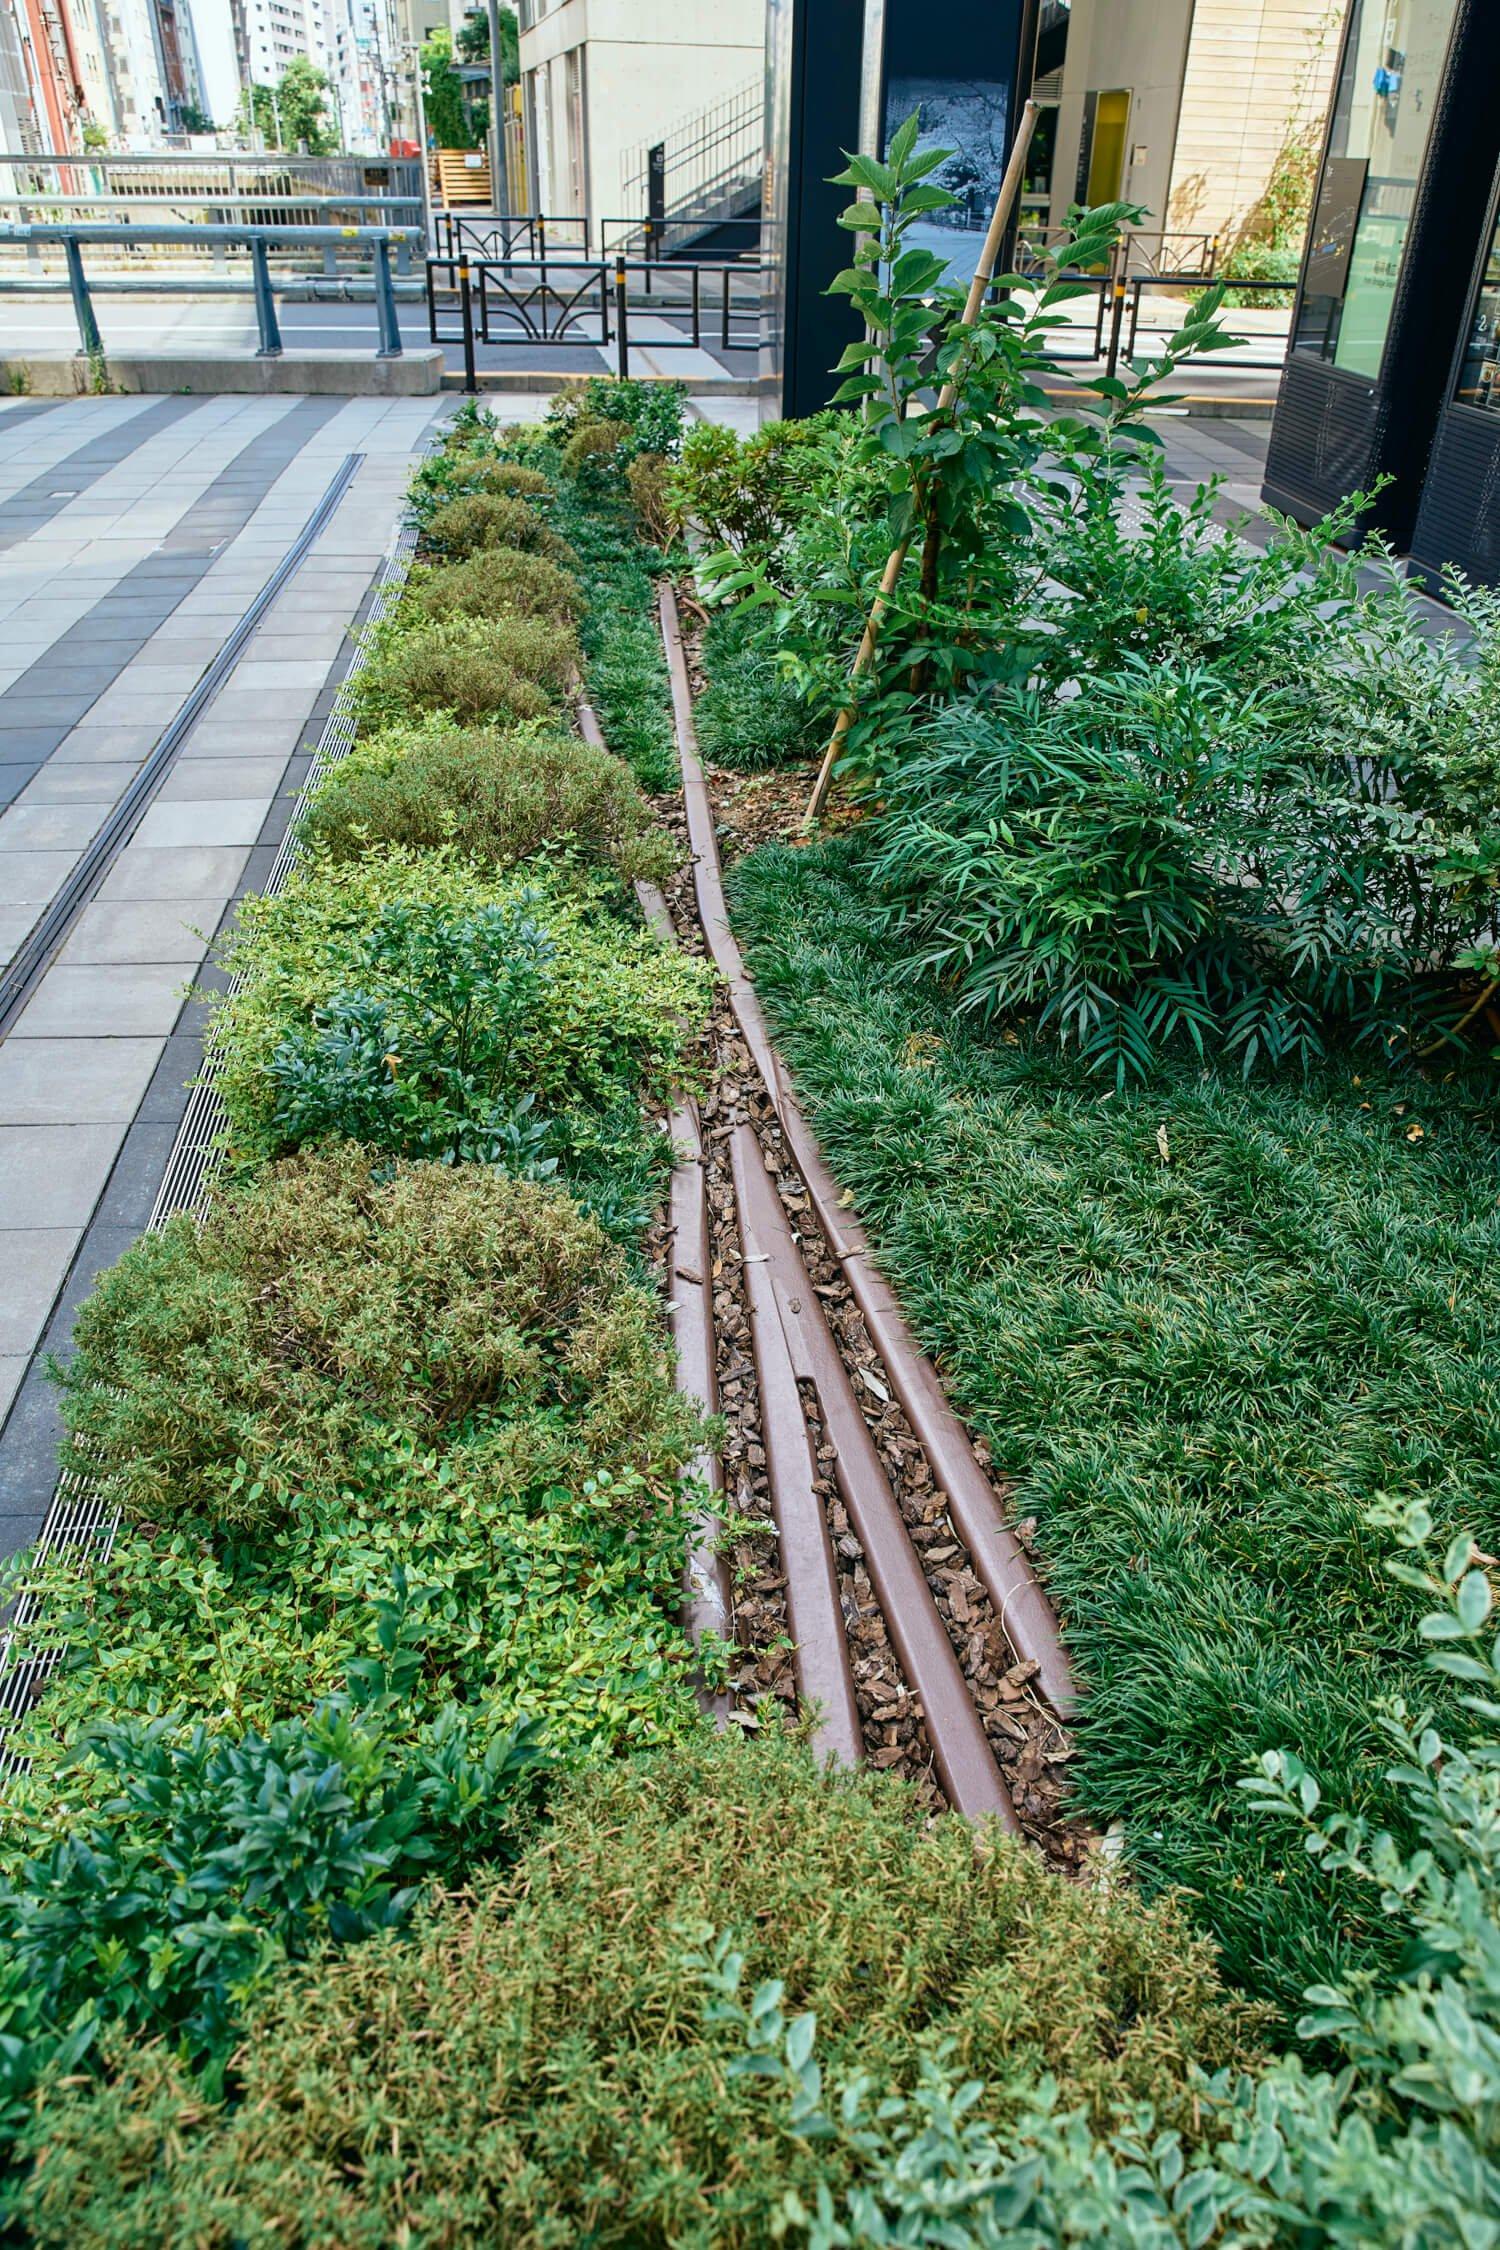 『渋谷ストリーム』前の金王橋広場の植栽に、実物の電路柱と東横線の線形オマージュがひそむ。